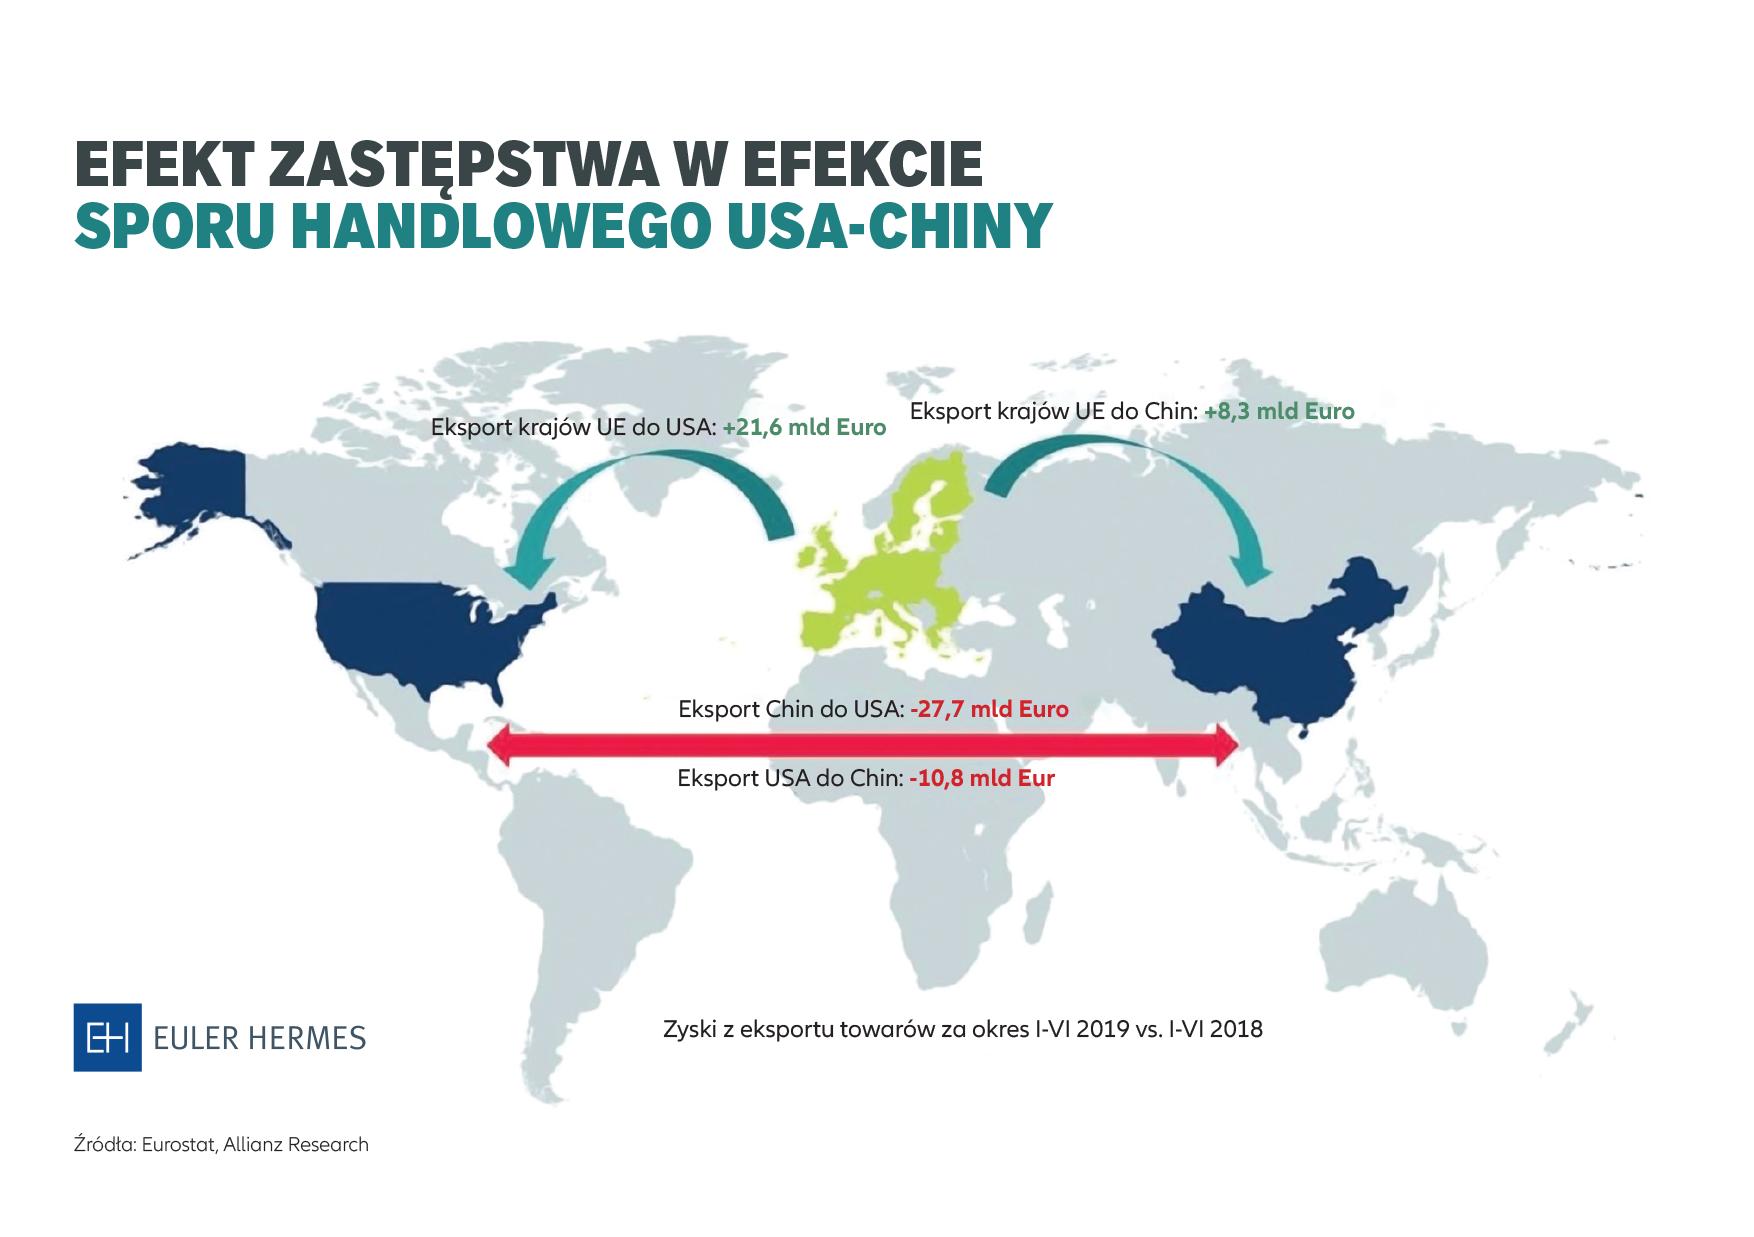 Polska zyskuje na sporze handlowym USA-Chiny